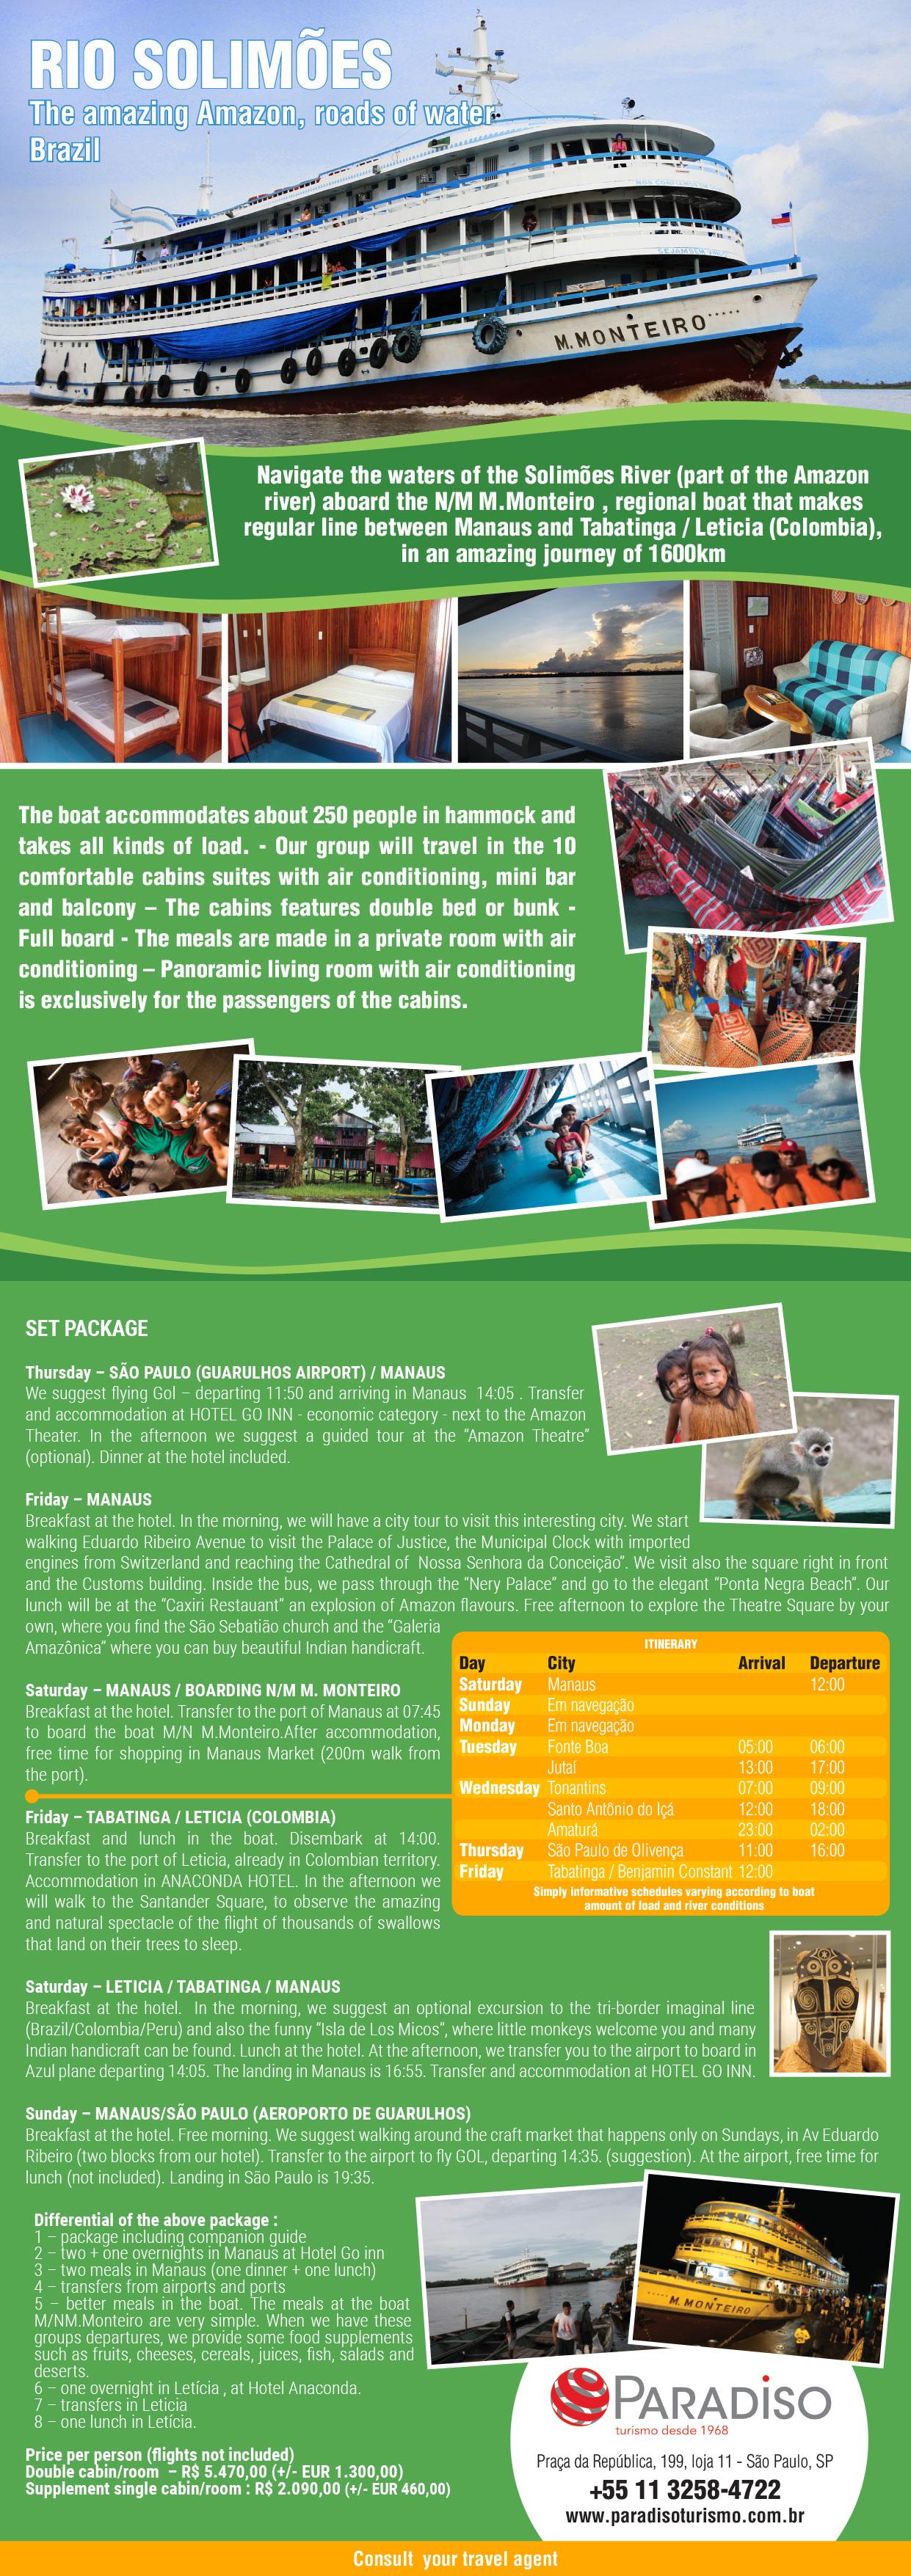 AF-flyer-ProjetoSolimoes-fevereiro2019-INGLES-email-LOGO-PARADISO